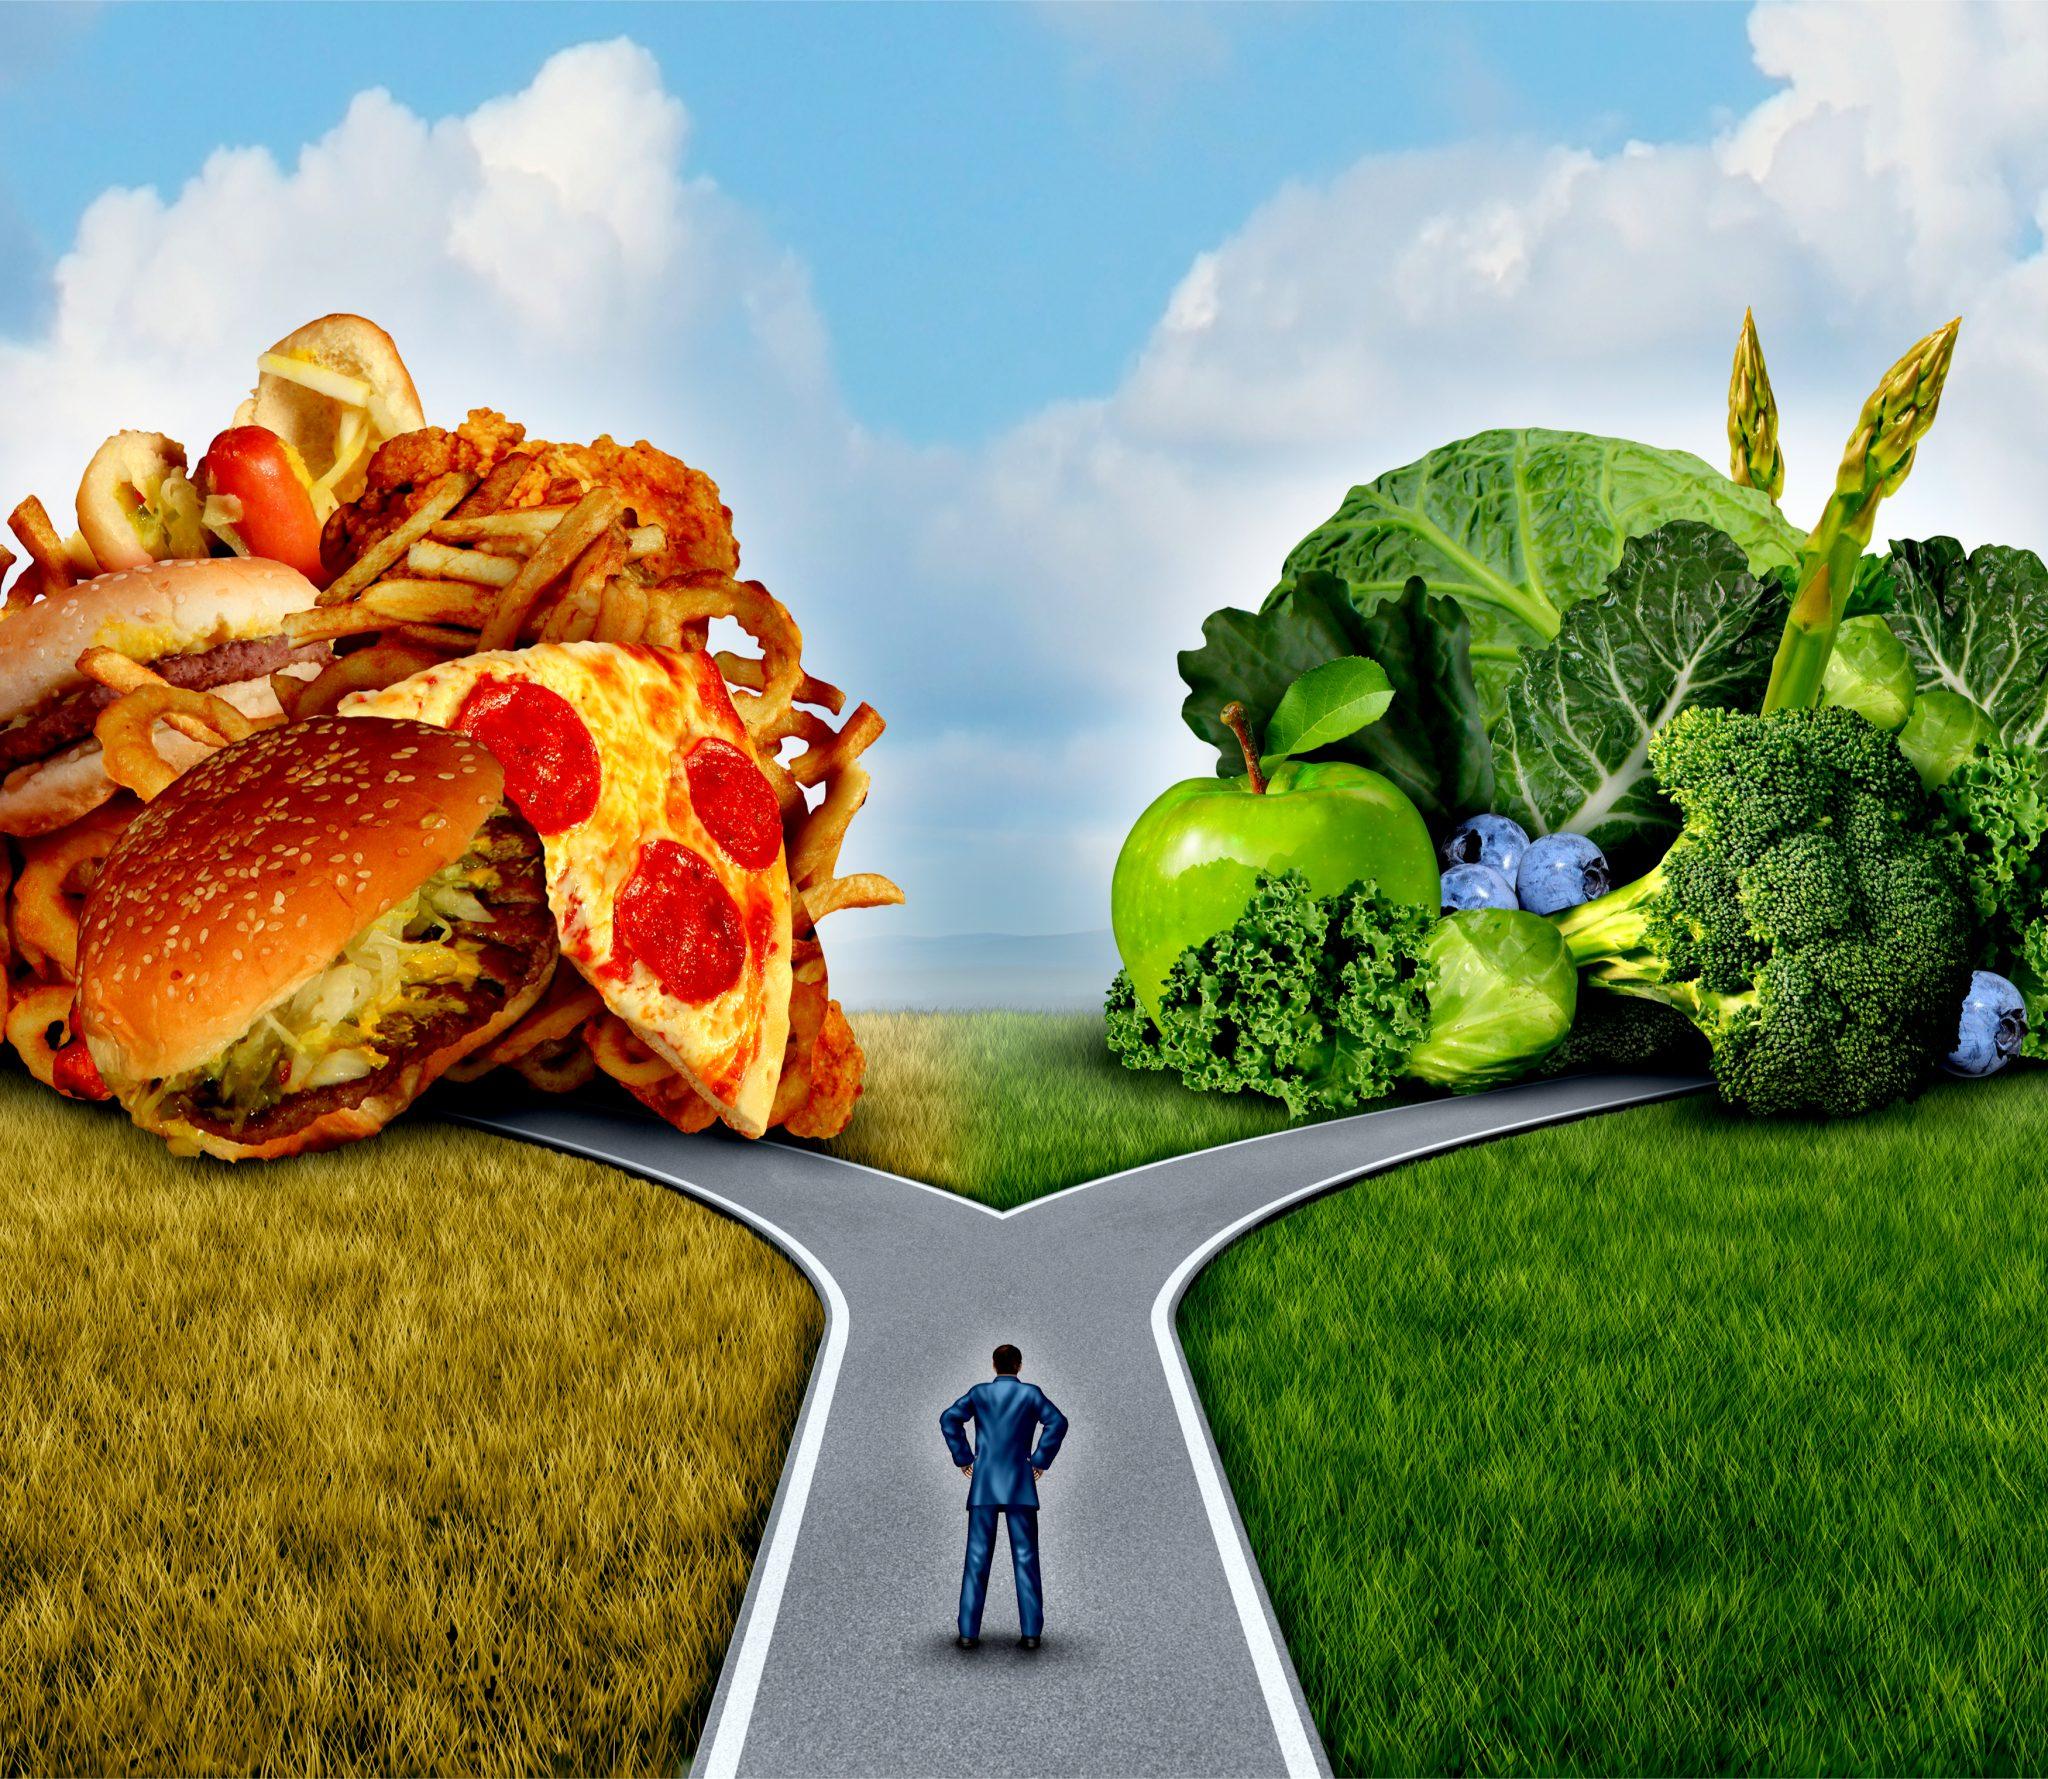 ジャンクフードと野菜を比較している絵